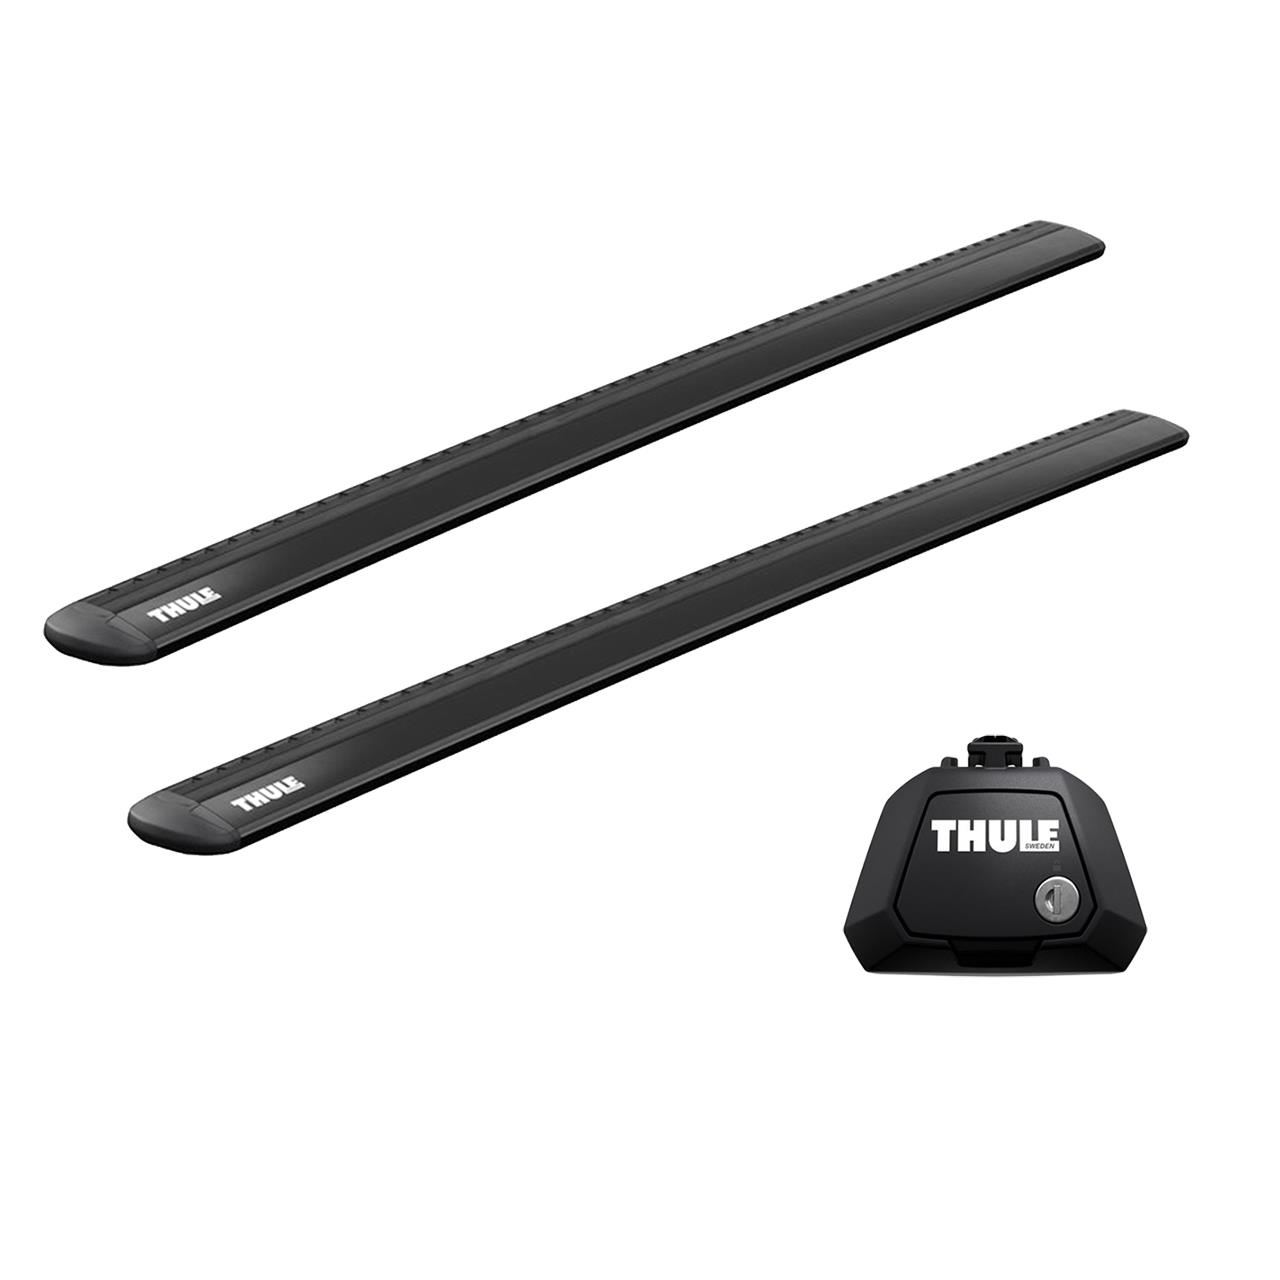 Напречни греди Thule Evo Raised Rail WingBar Evo 127cm в Черно за RENAULT Koleos 5 врати SUV 08-17 с фабрични надлъжни греди с просвет 1